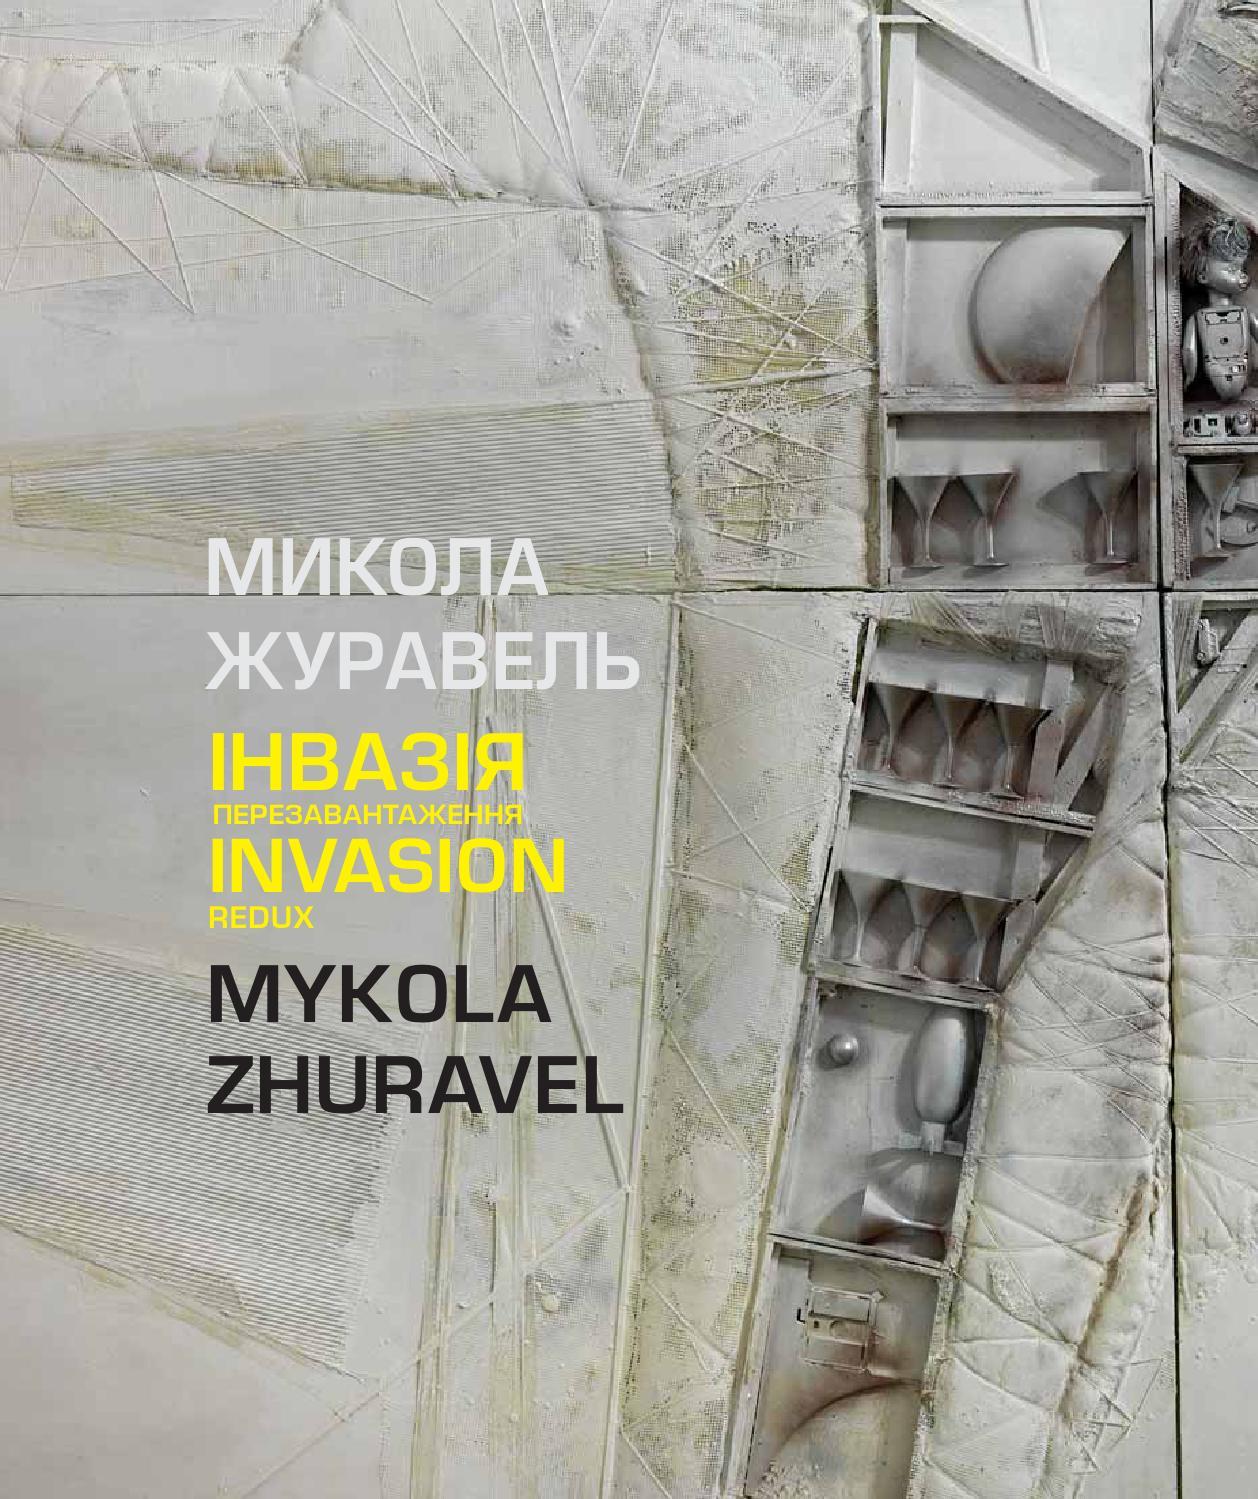 Микола Журавель. Mykola Zhuravel.